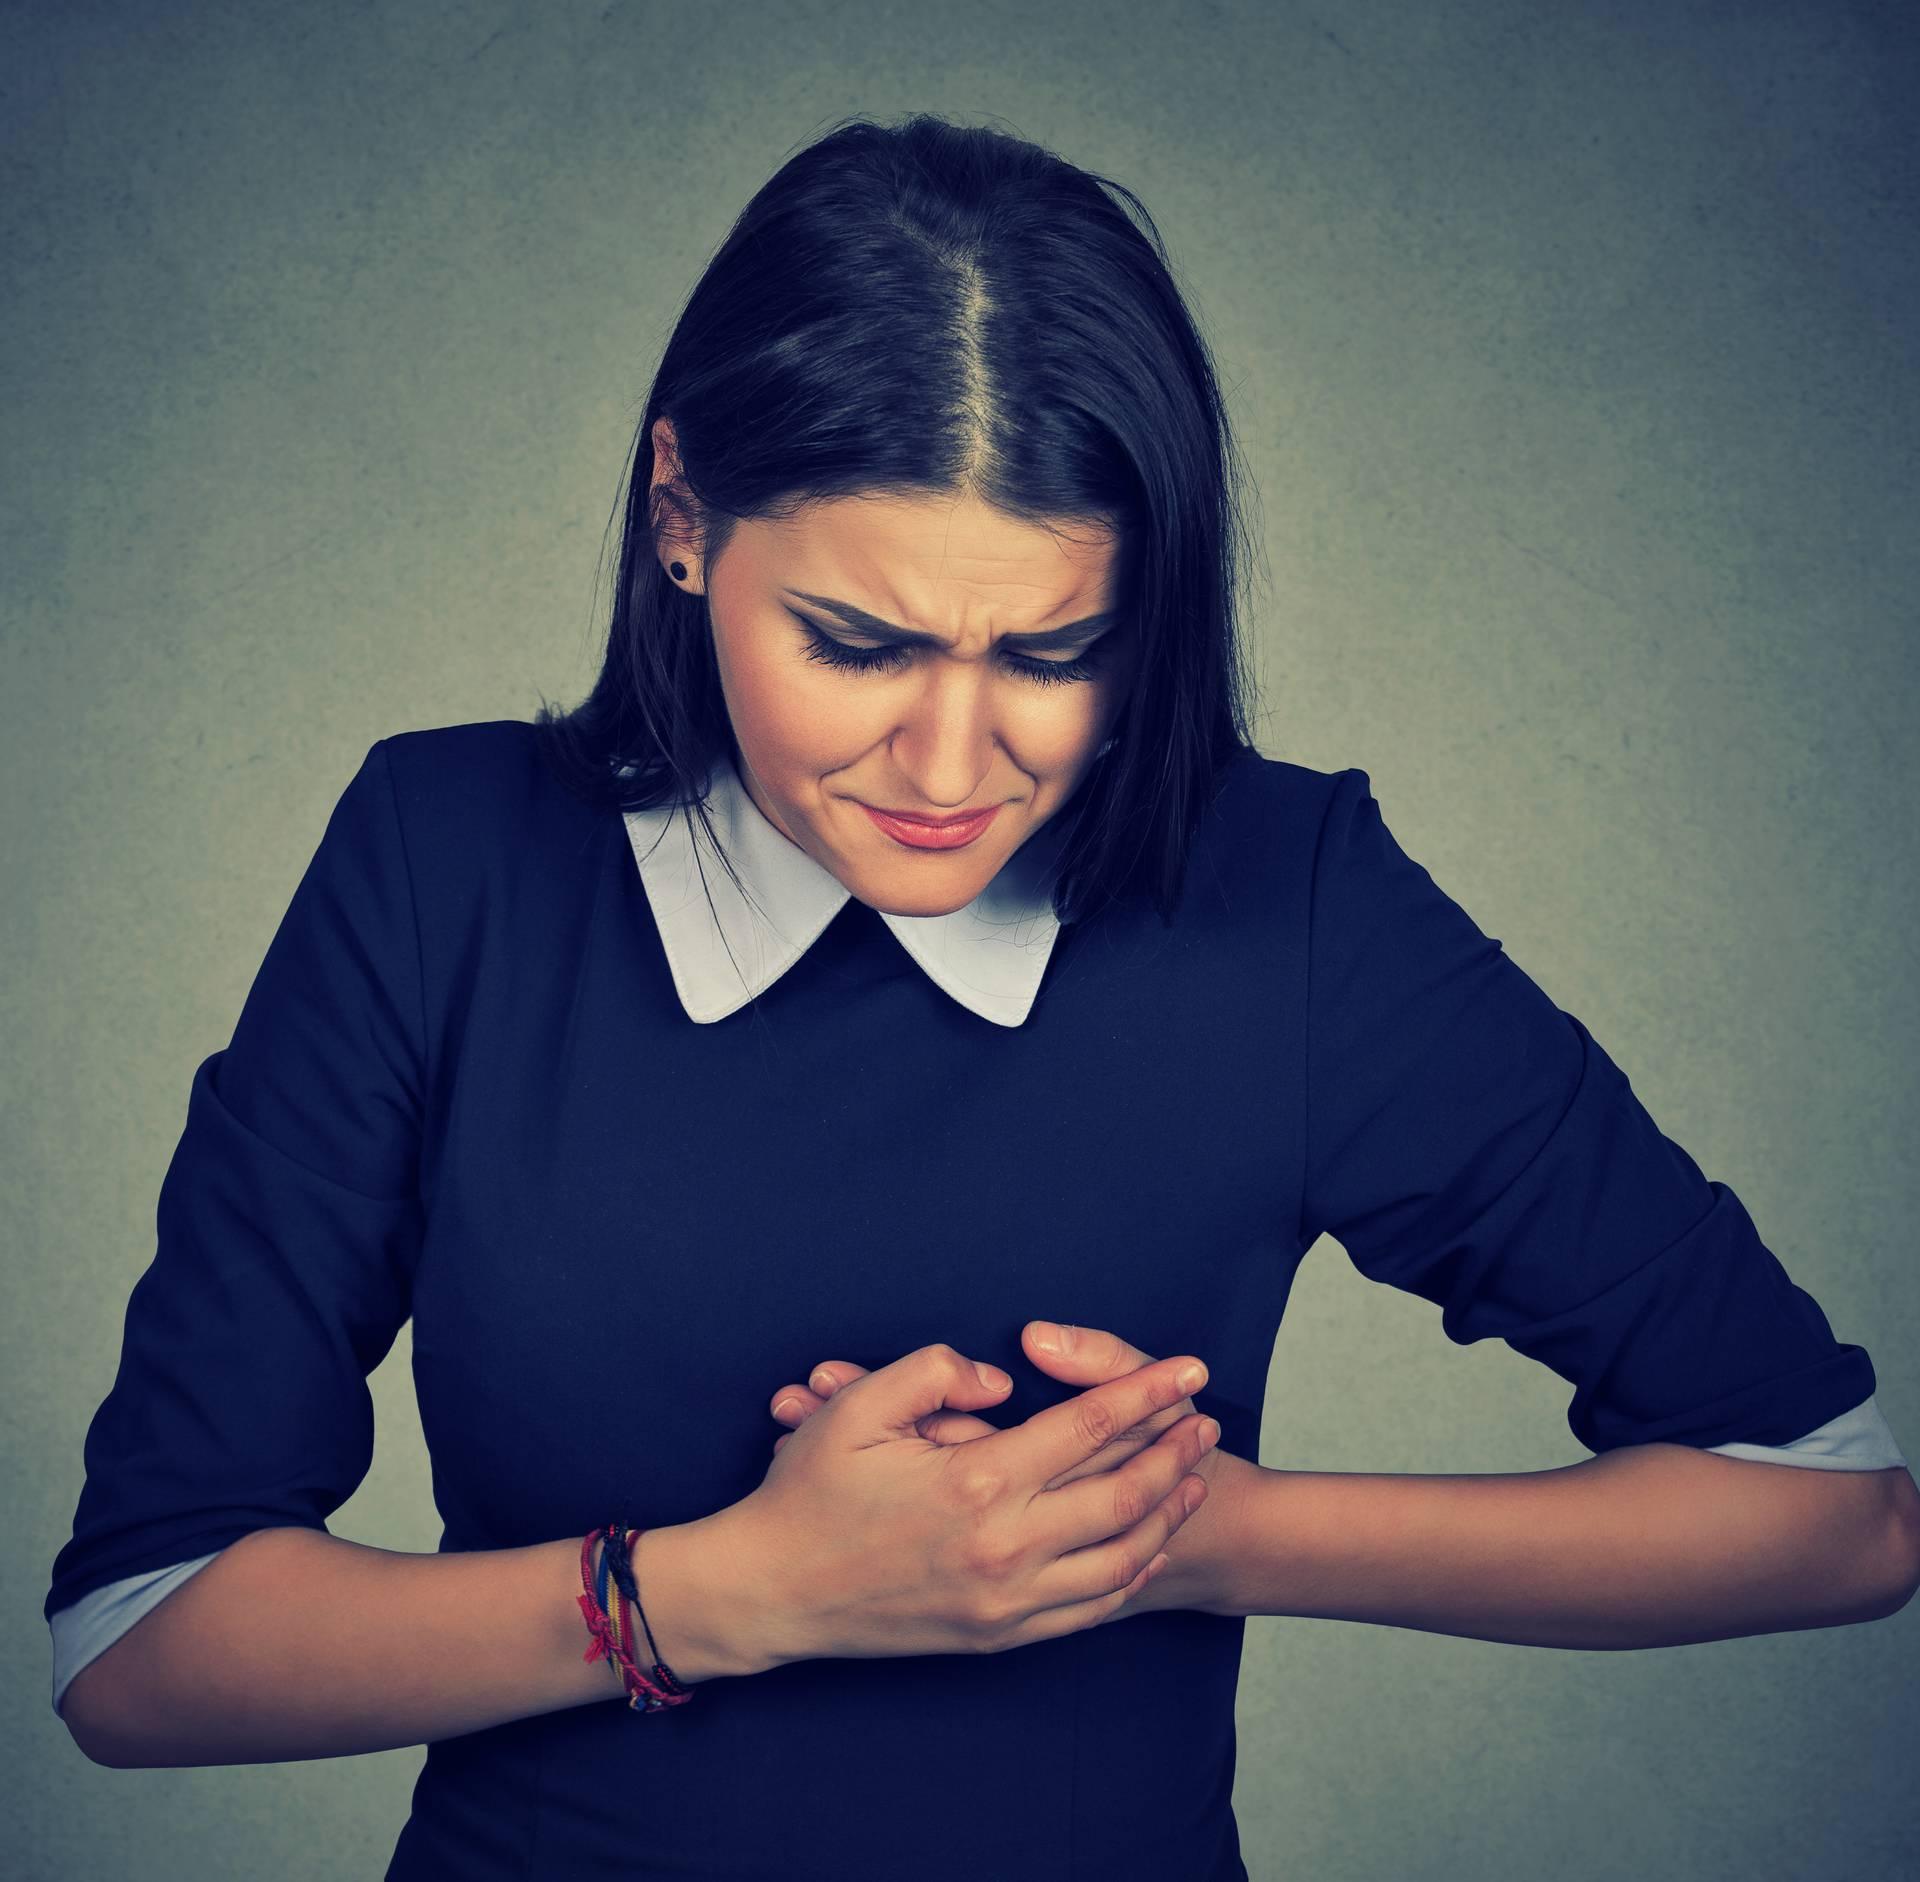 Ovih 10 vrsta boli mogu značiti da hitno trebate otići liječniku